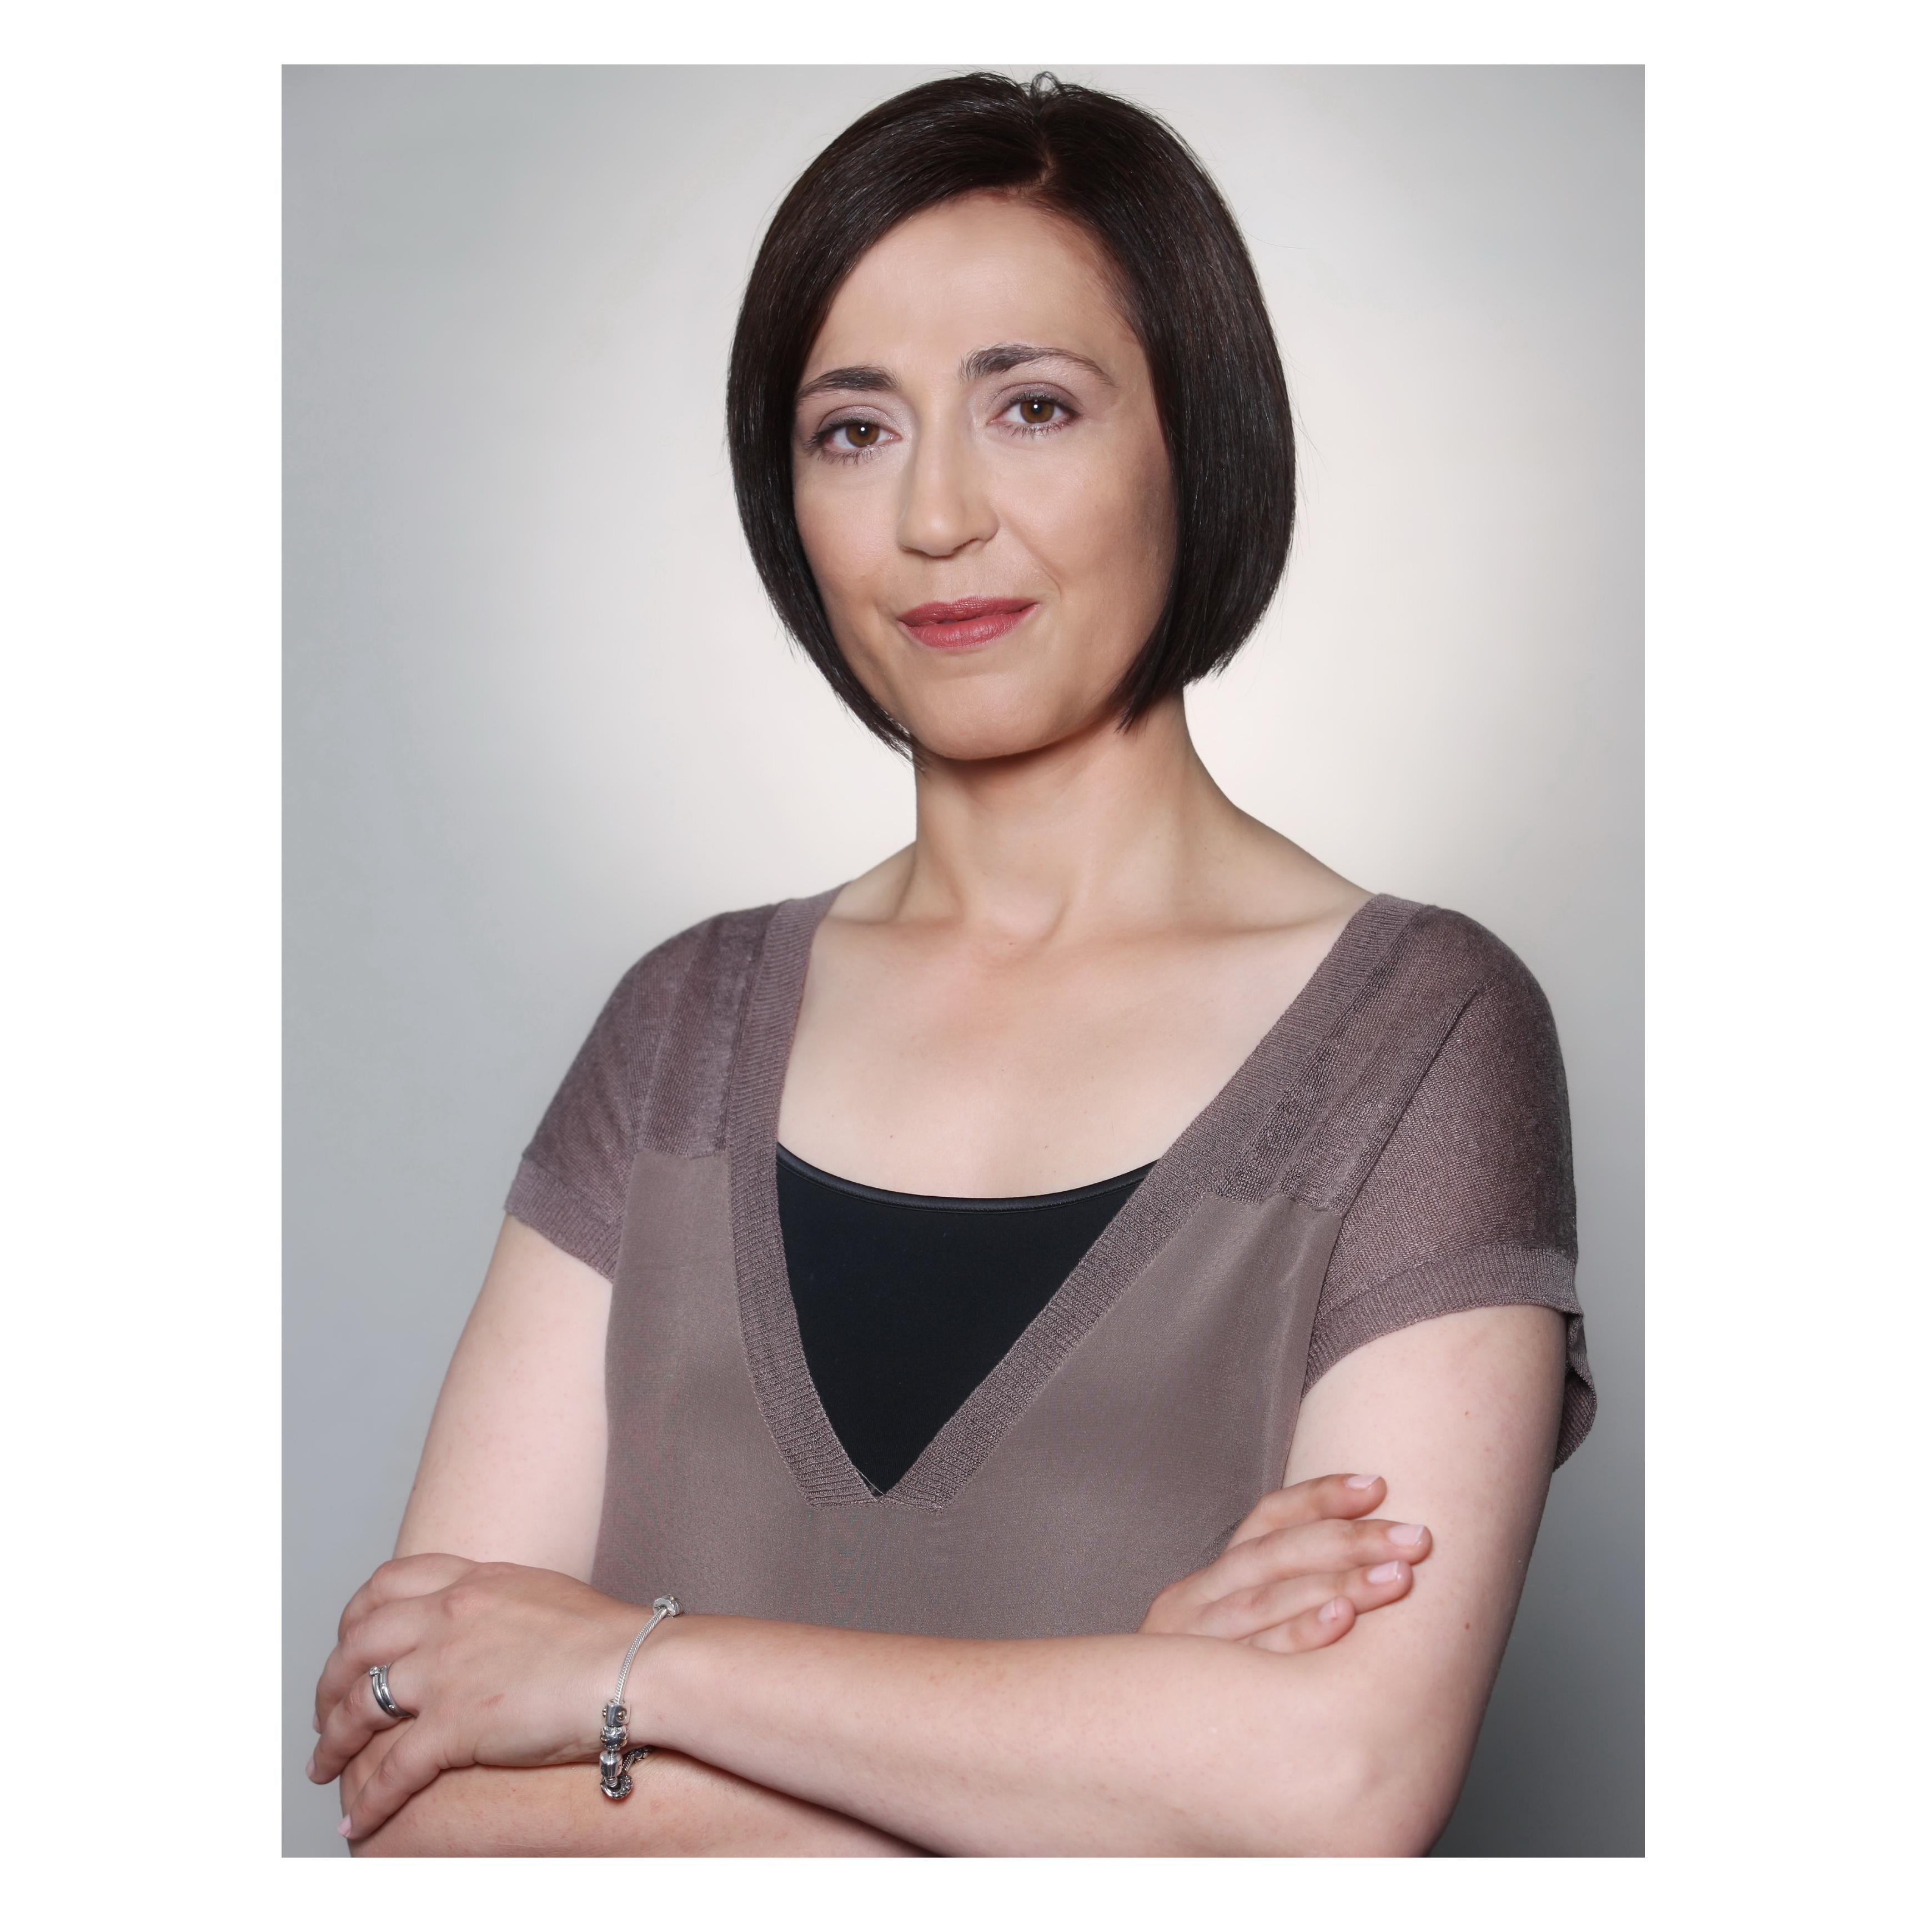 Ведущий эксперт компании Unilever - Катя Иванова